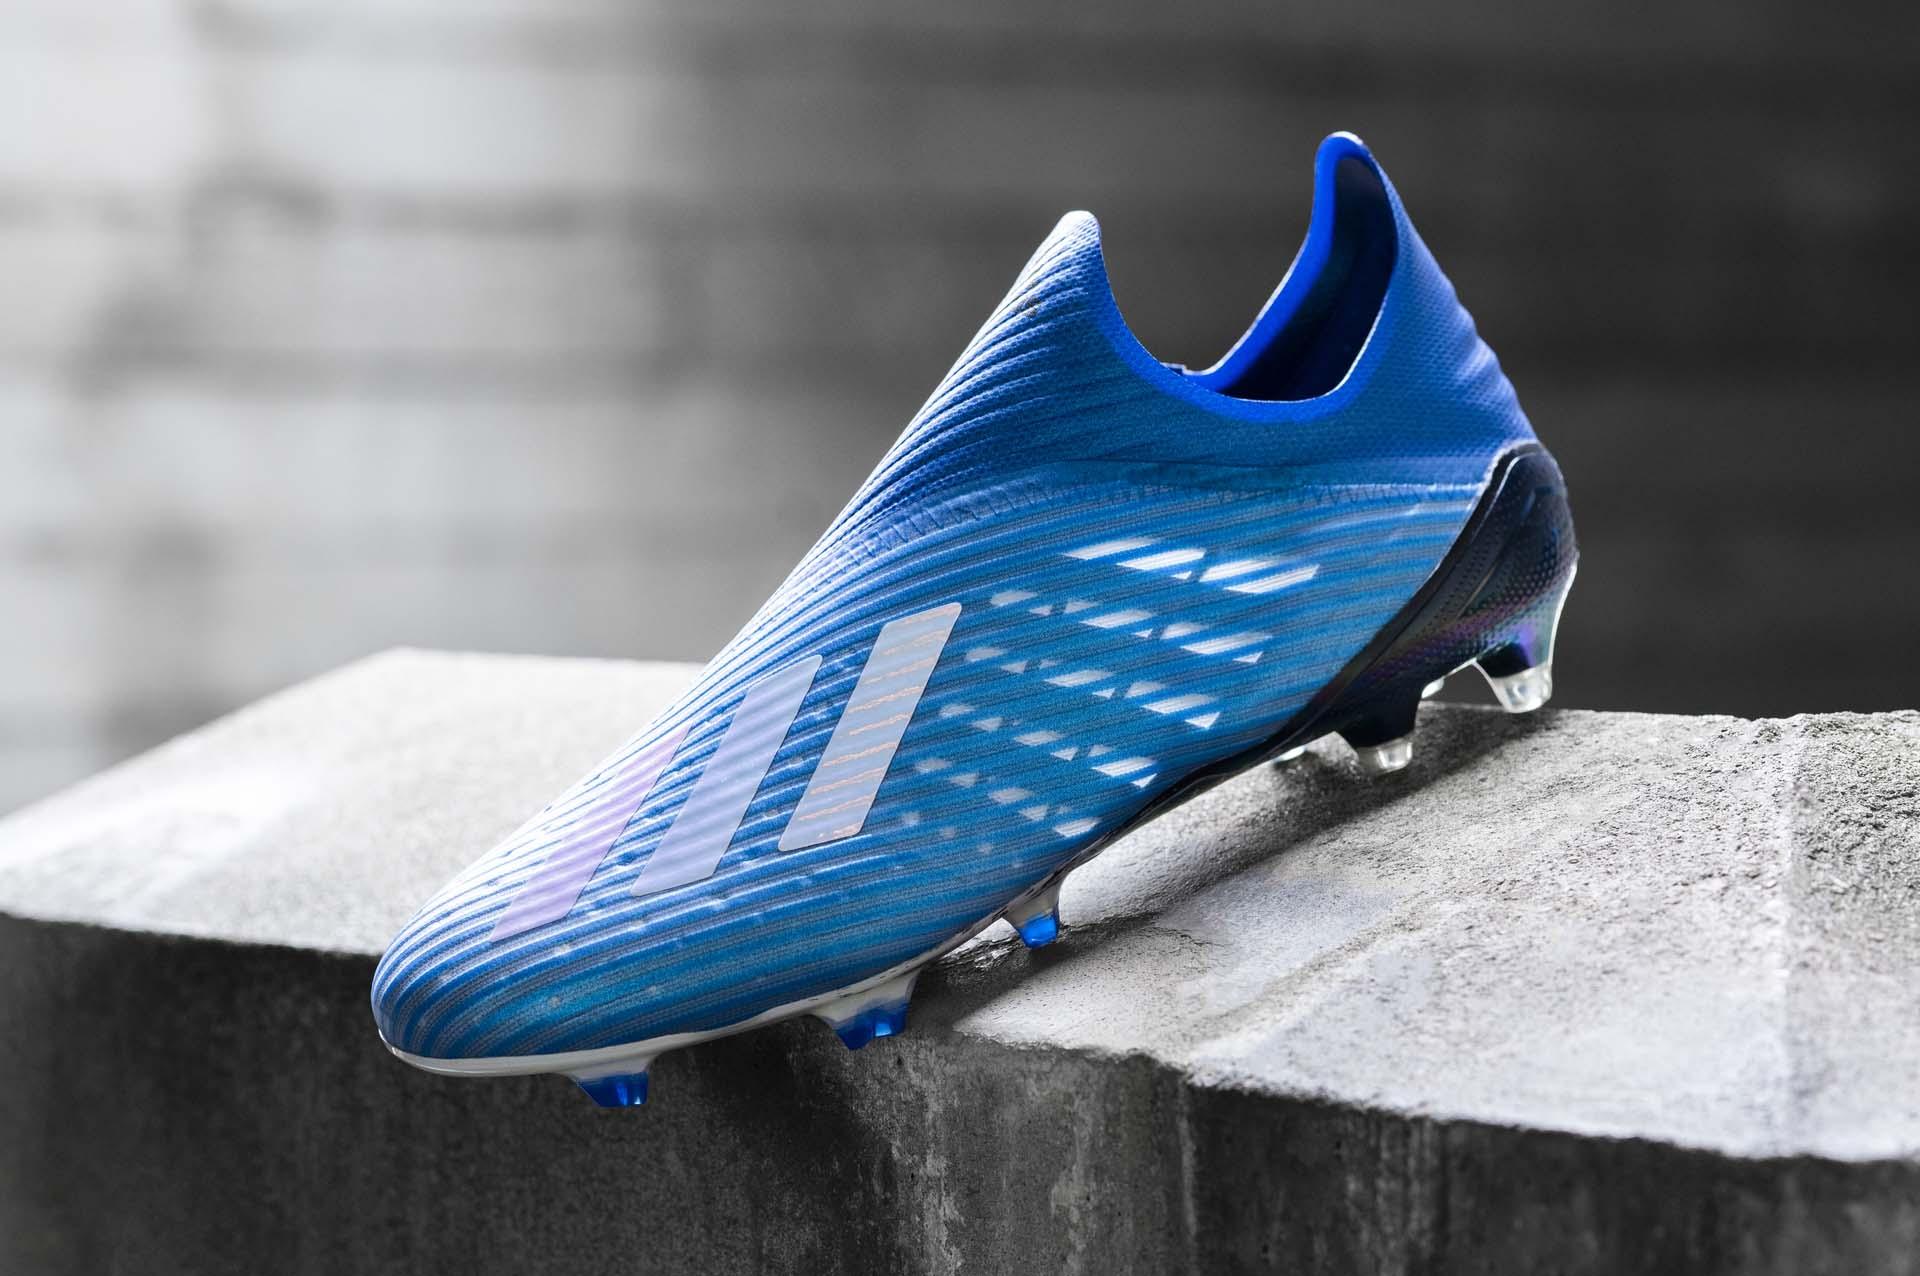 Adidas X19+ FG Mutator pack chắc là gam màu cuối cùng của dòng giày không dây này